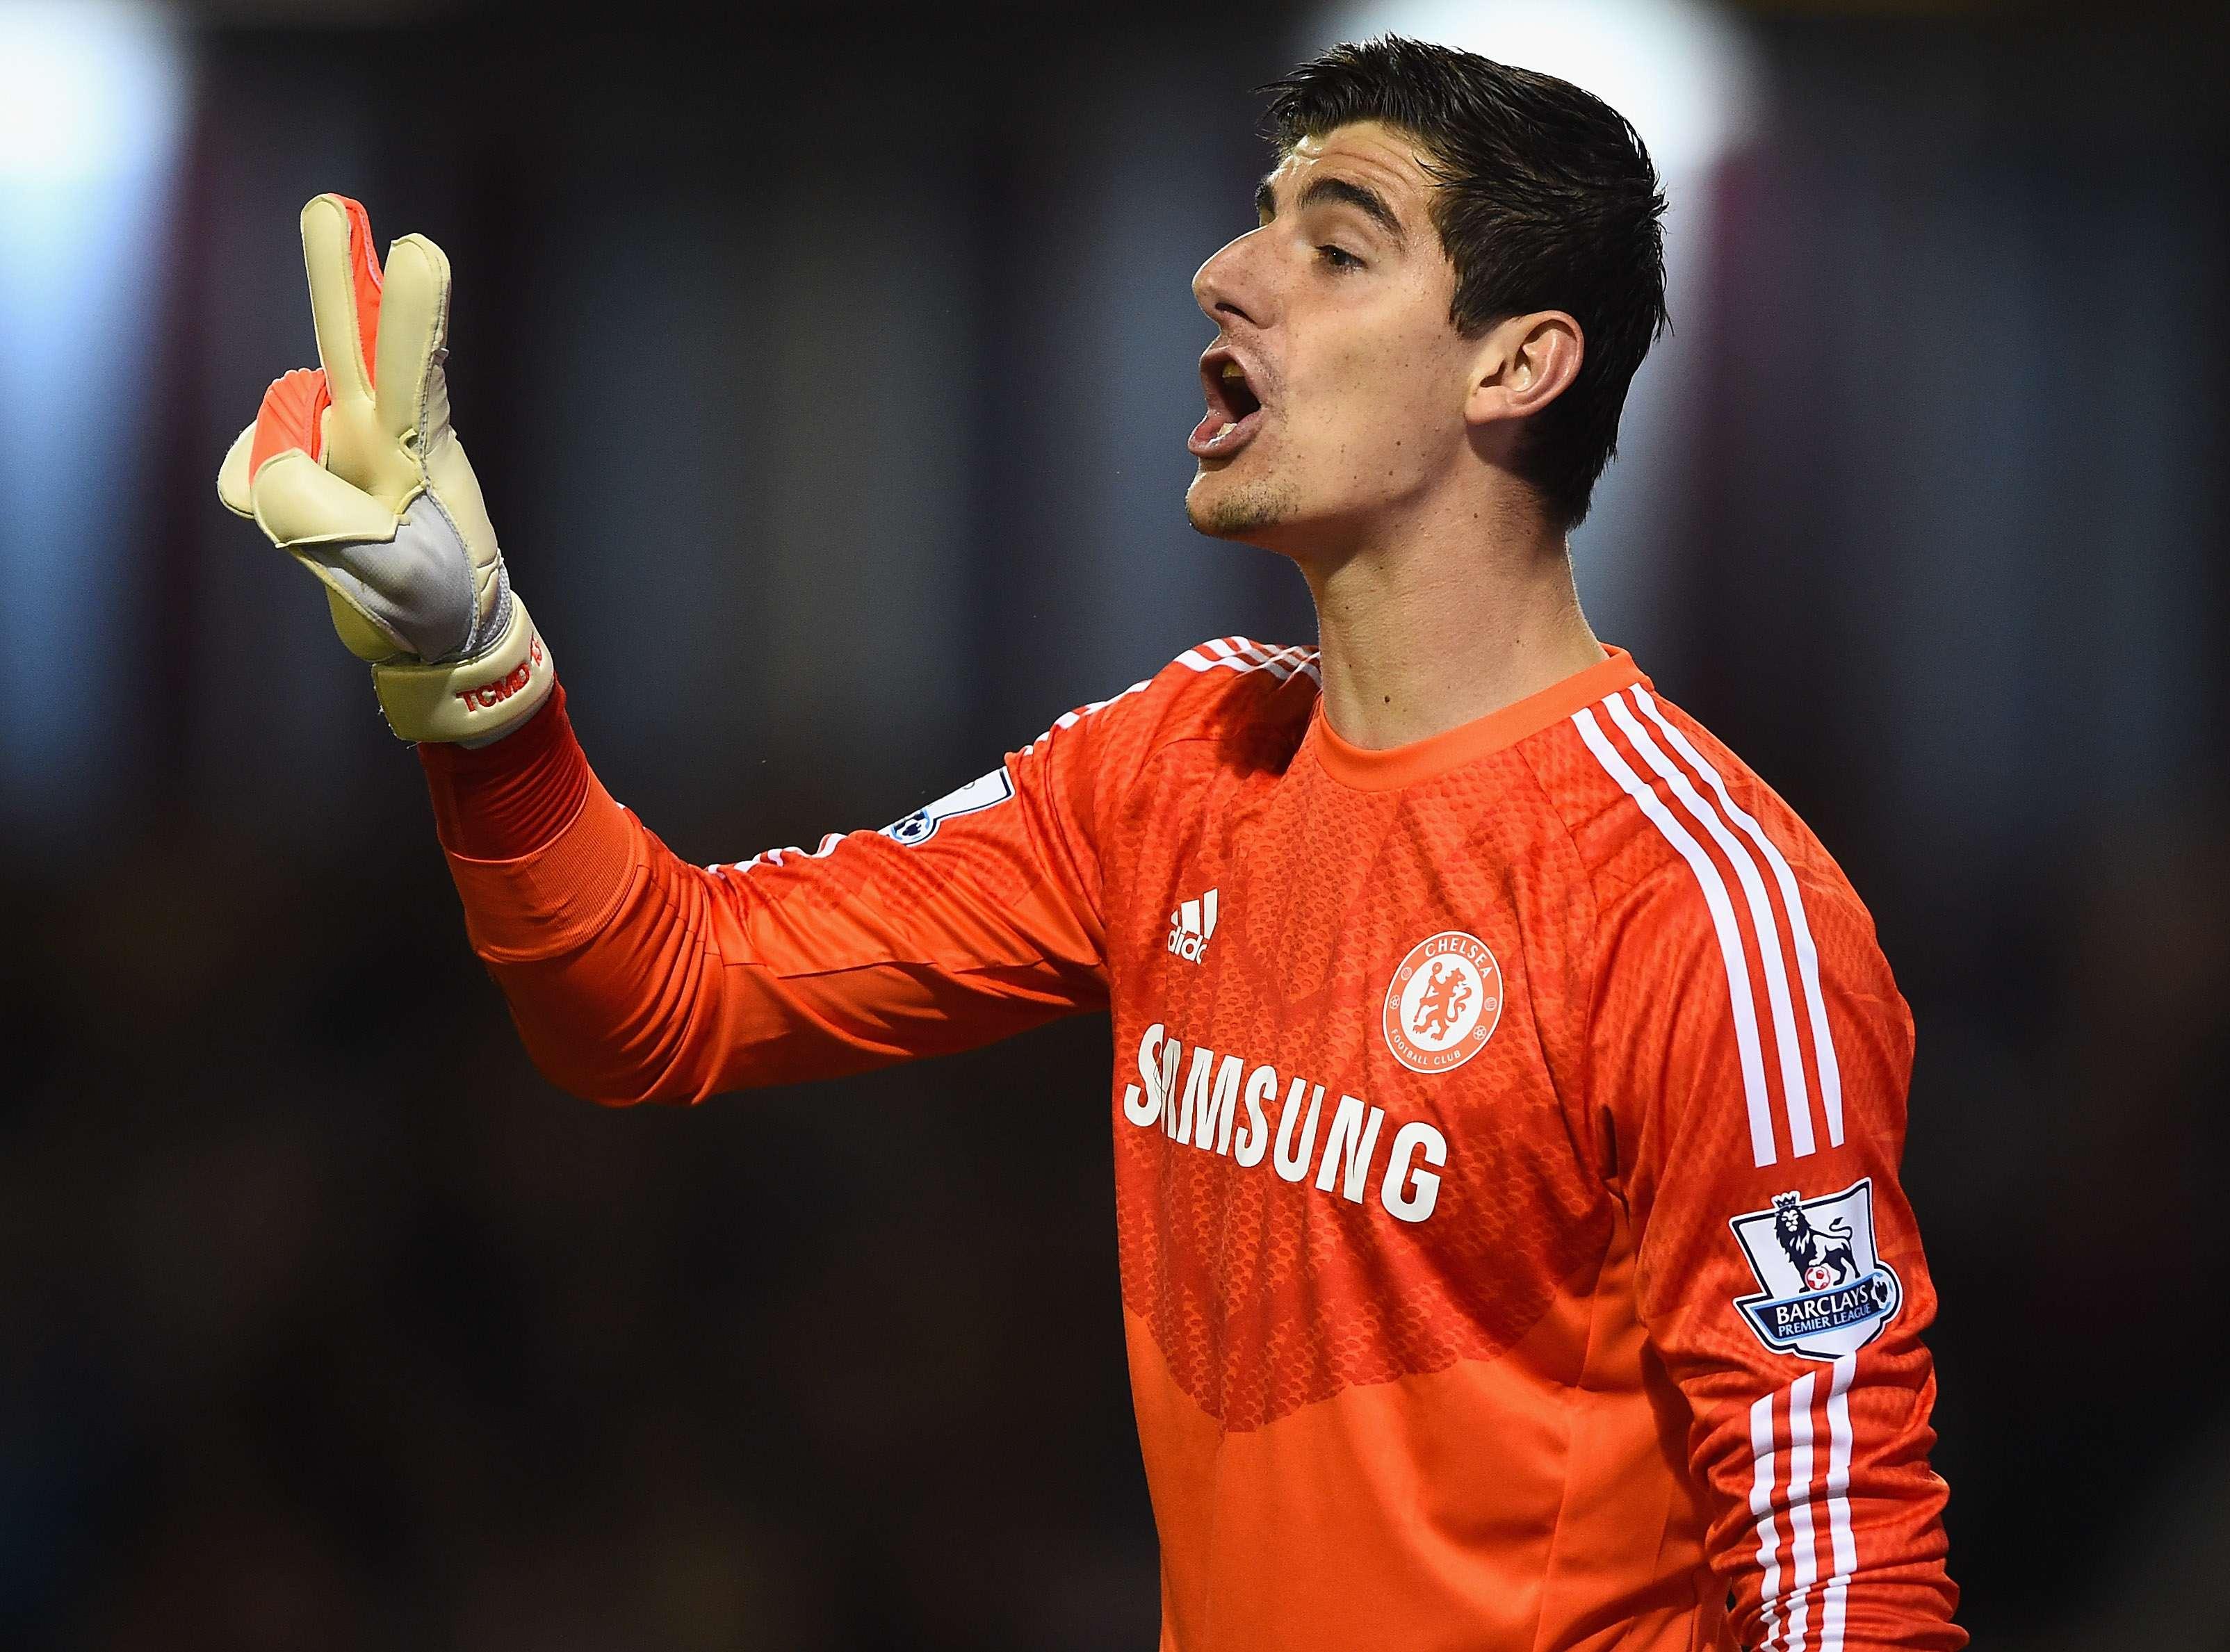 Courtois quiere que Cech siga en el Chelsea aunque no juegue